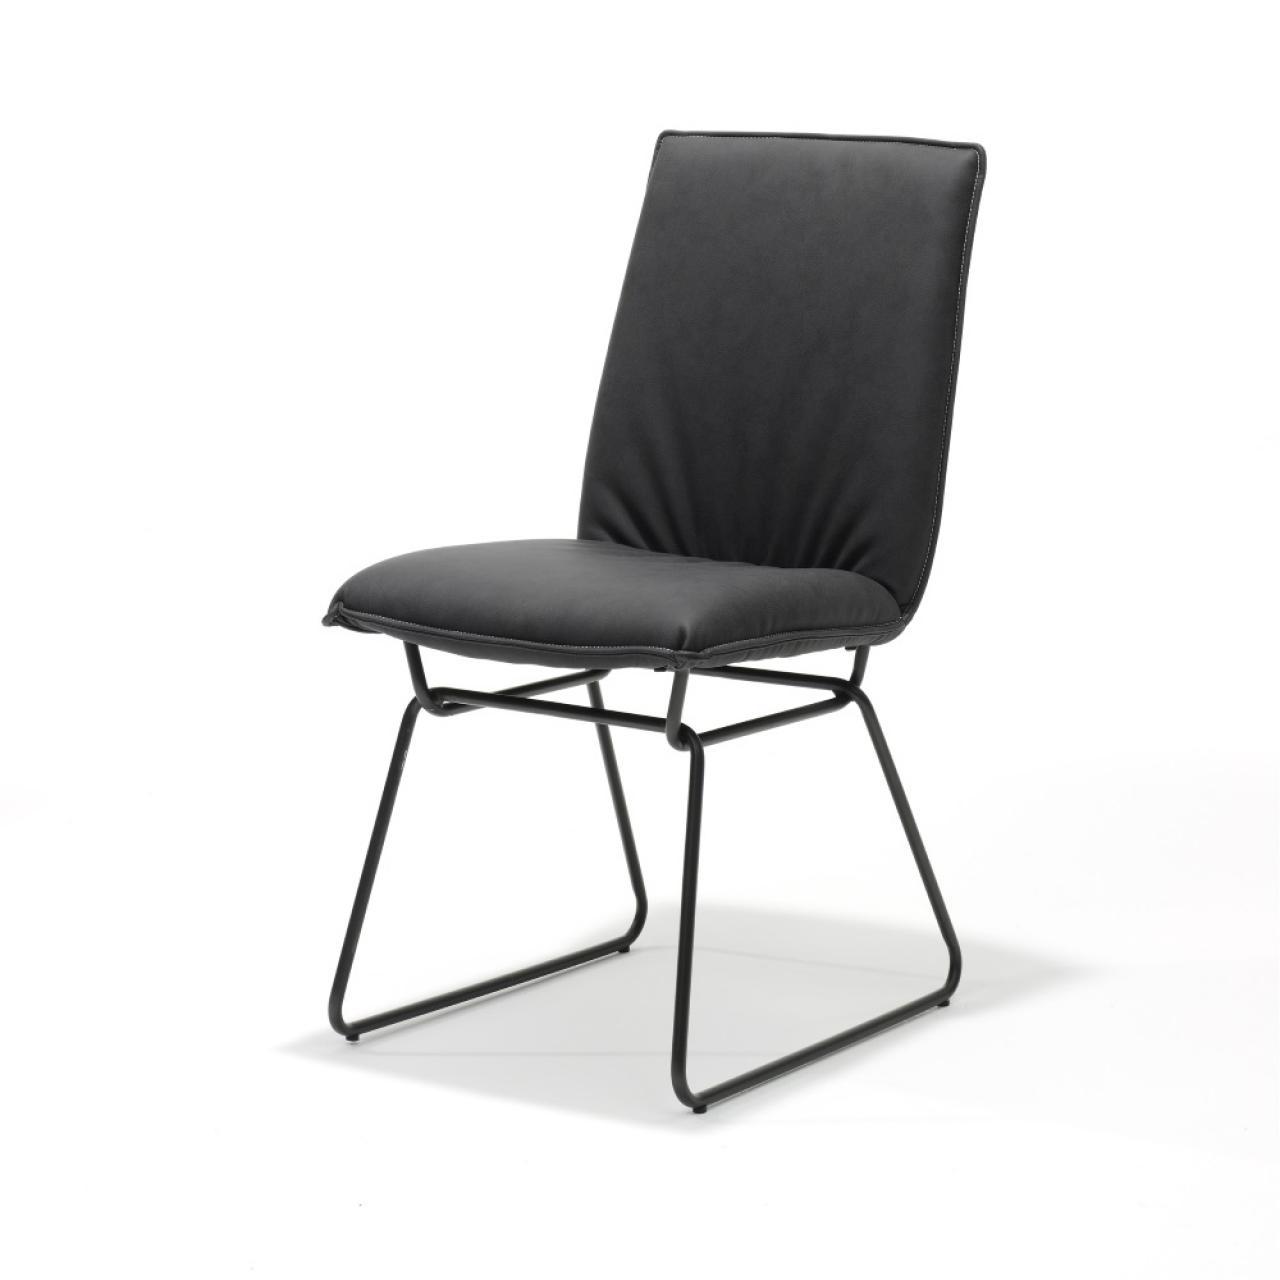 Esszimmerstuhl Flair in Anthrazit Schwarz Freisteller Stuhl Küchenstuhl